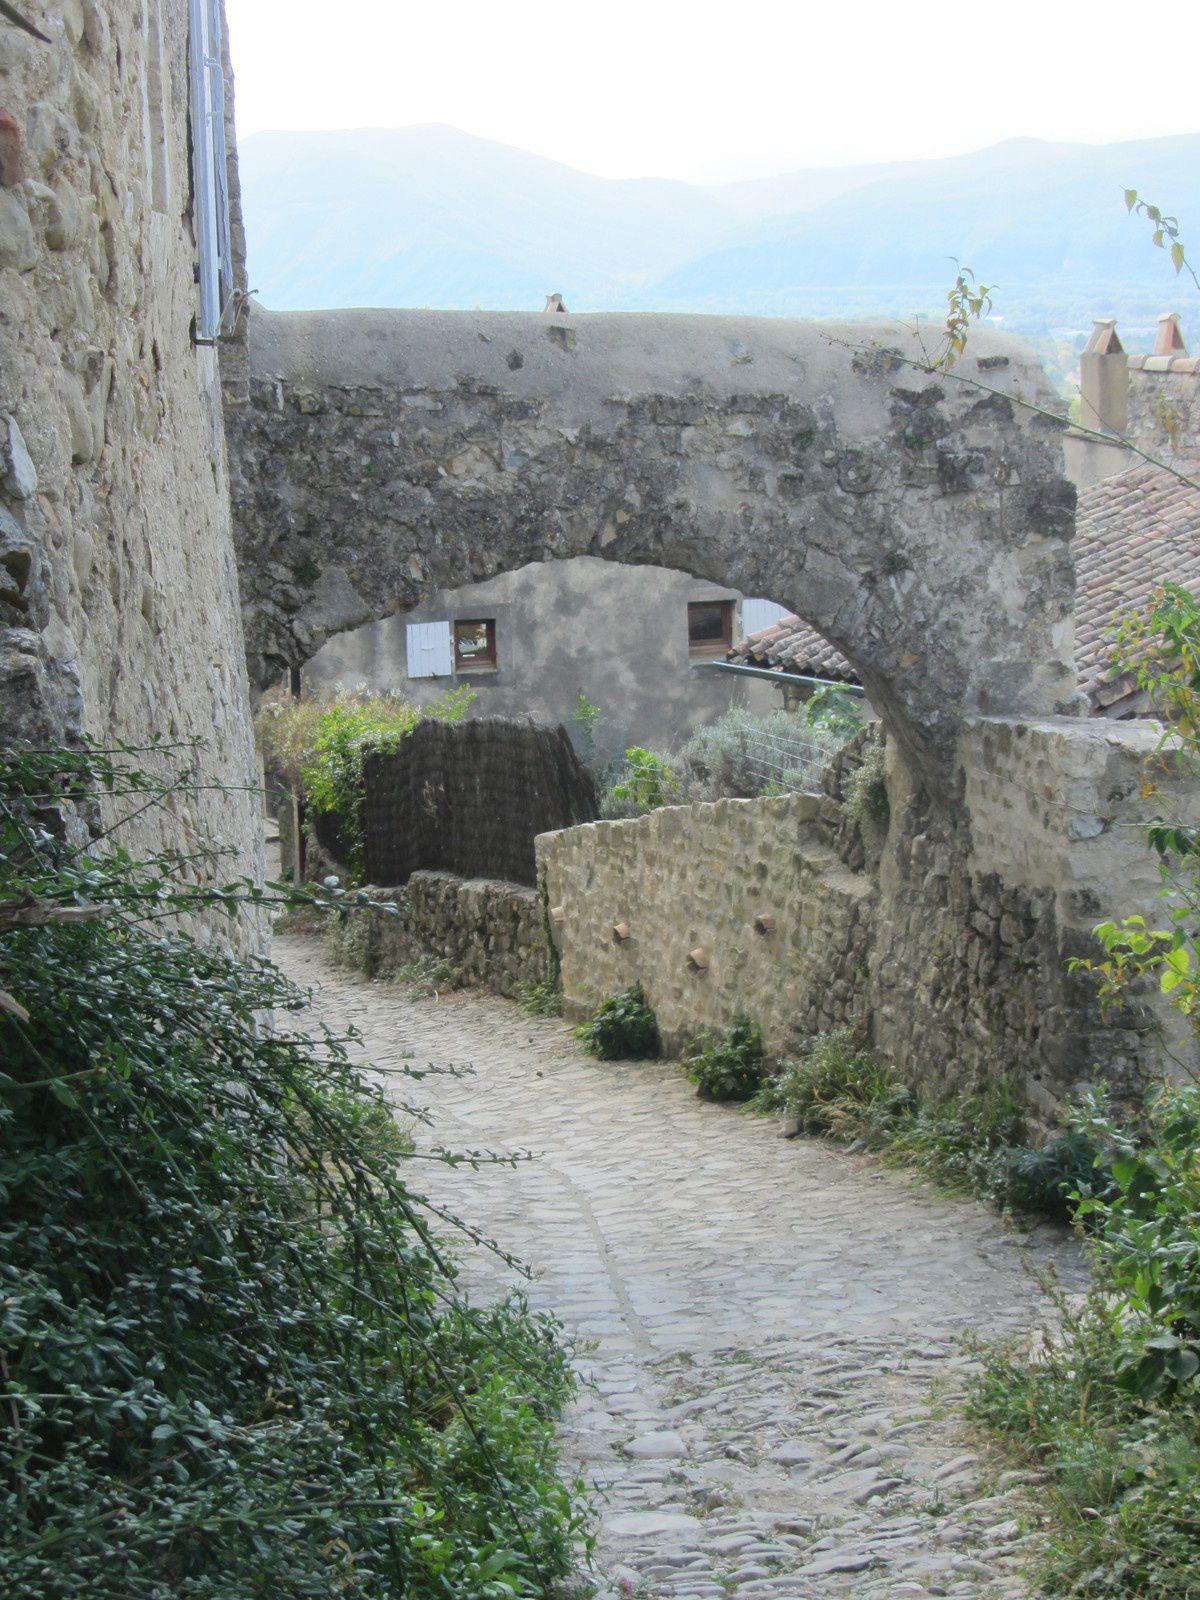 En 1998 Mirmande est admis dans l'association des Plus Beaux Villages de France. Et moi , je pense que c'est largement mérité !!